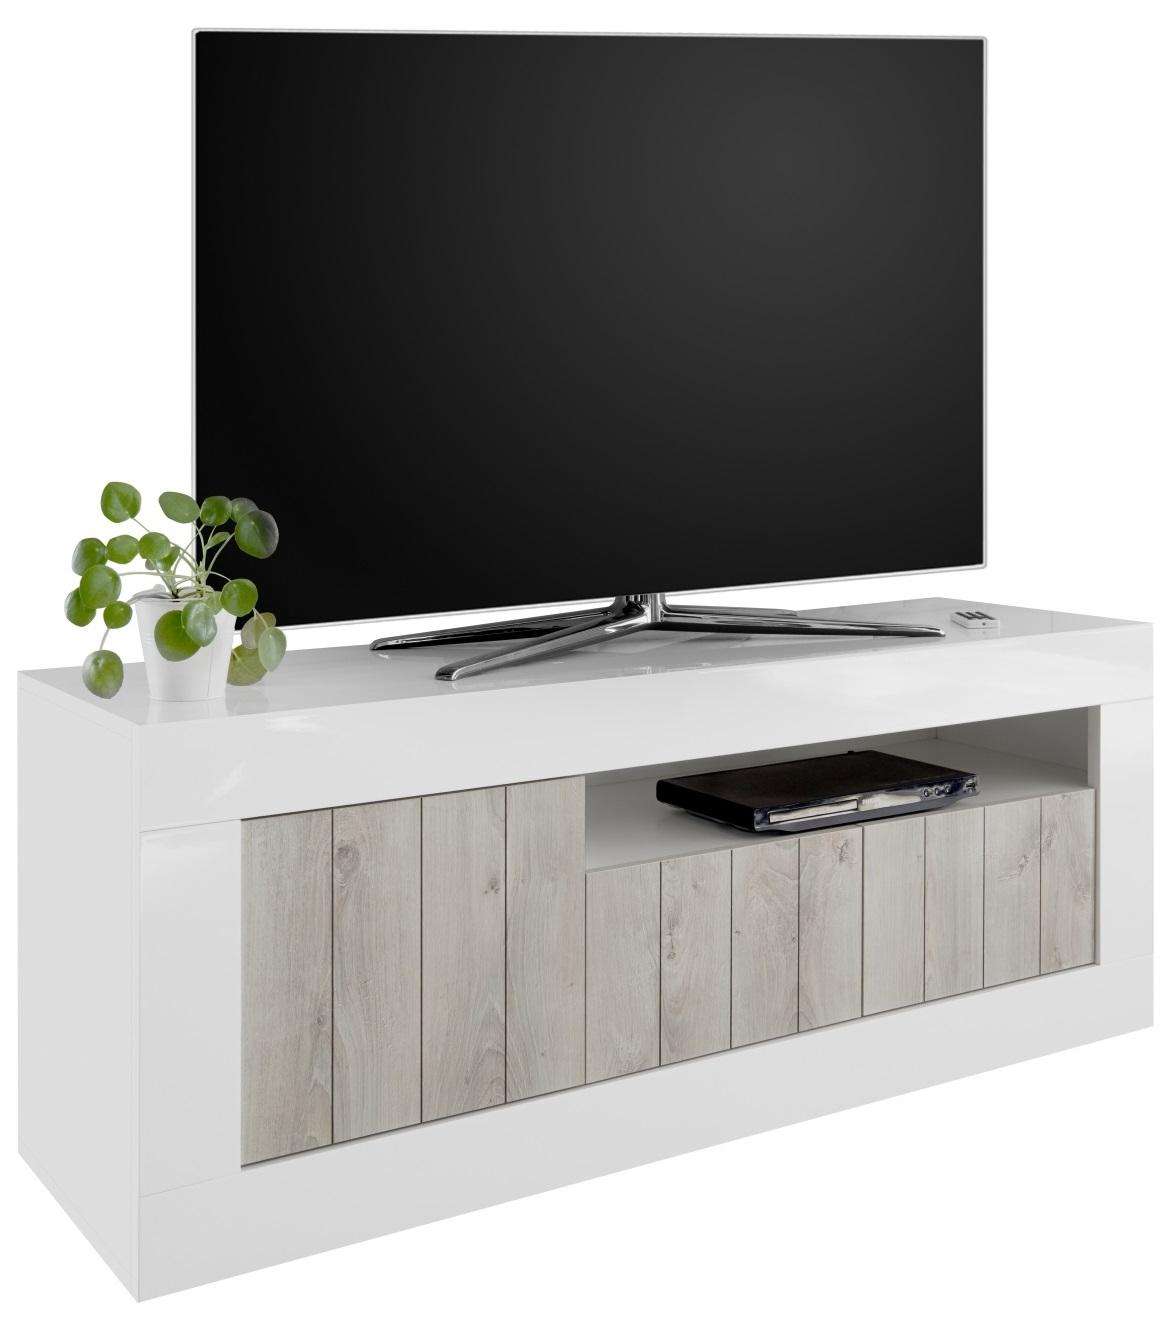 Tv-meubel Urbino 138 cm breed in hoogglans wit met grenen wit   Pesaro Mobilia